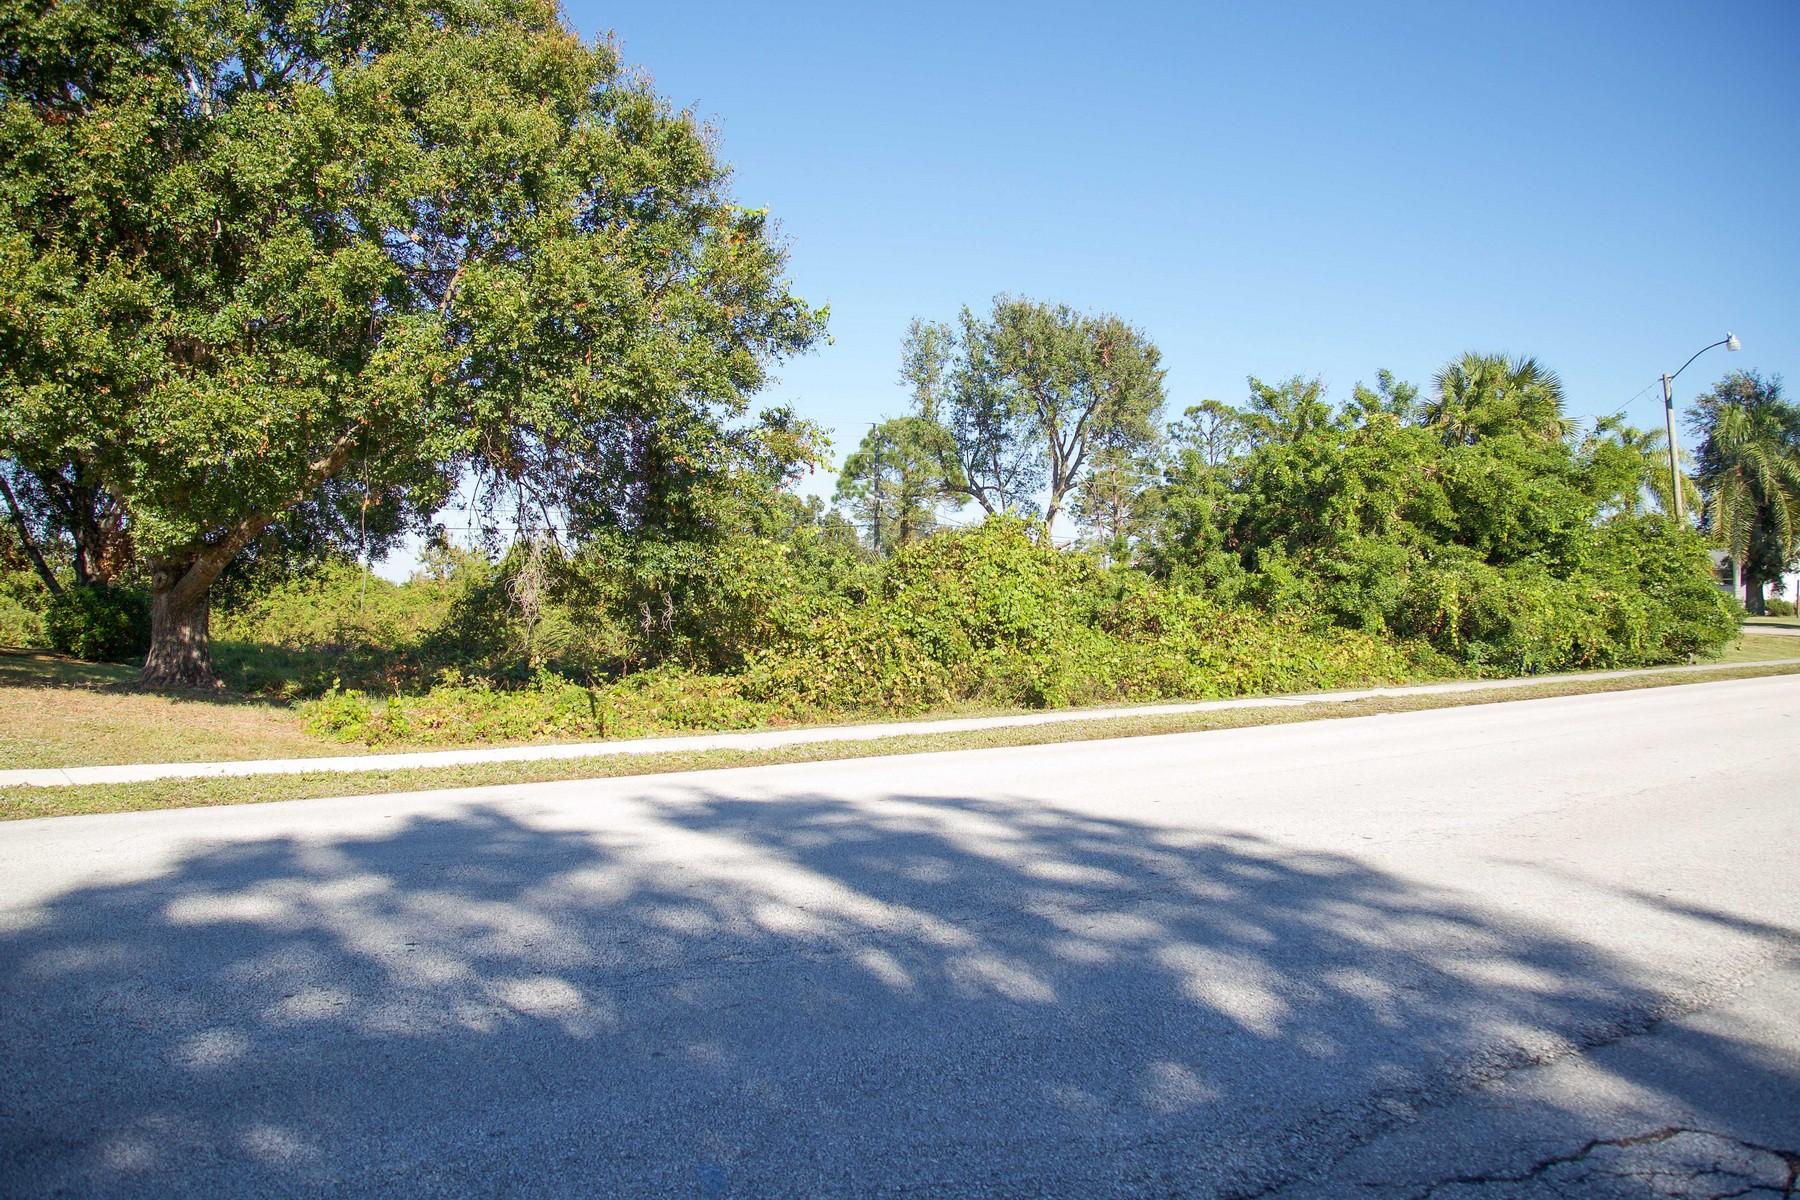 Terreno por un Venta en This is Where Your Dream Home Gets Built 214 Main Street Sebastian, Florida, 32958 Estados Unidos